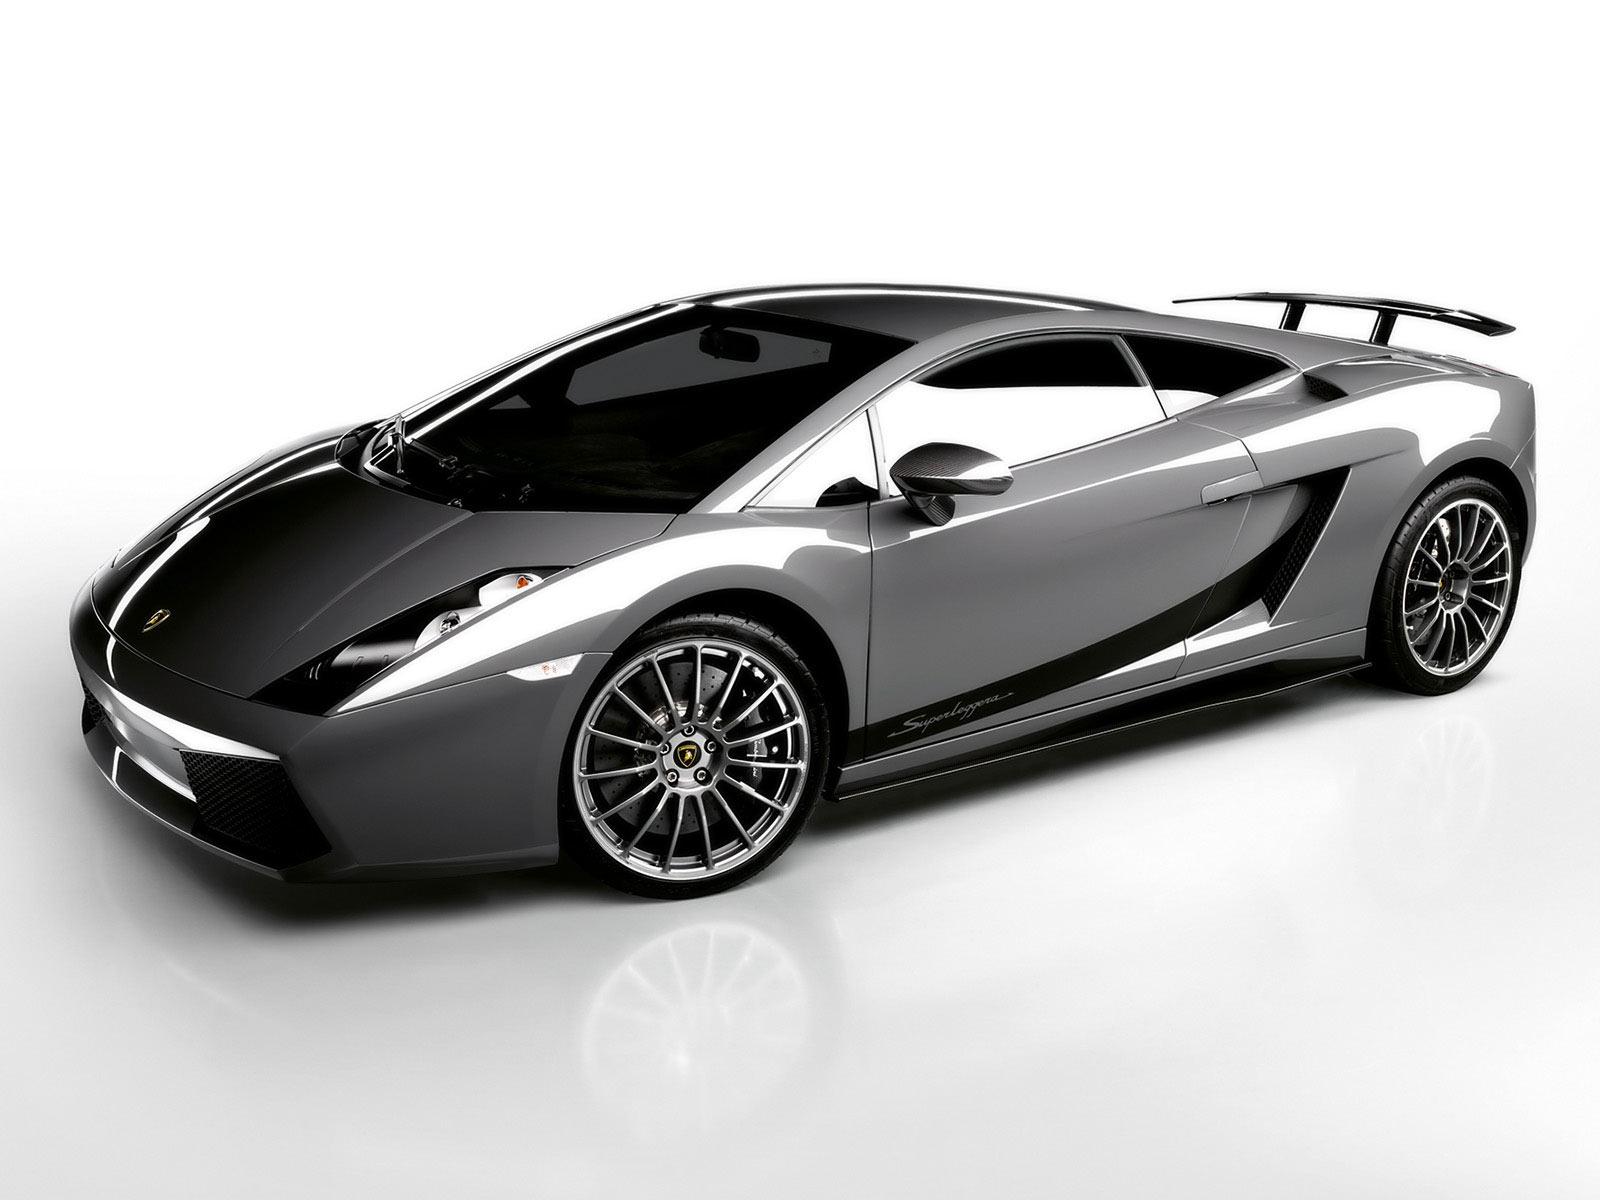 lamborghini%2Bwallpaper%2Bfor%2Bdesktop 2 Lamborghini Wallpaper Hd 2011